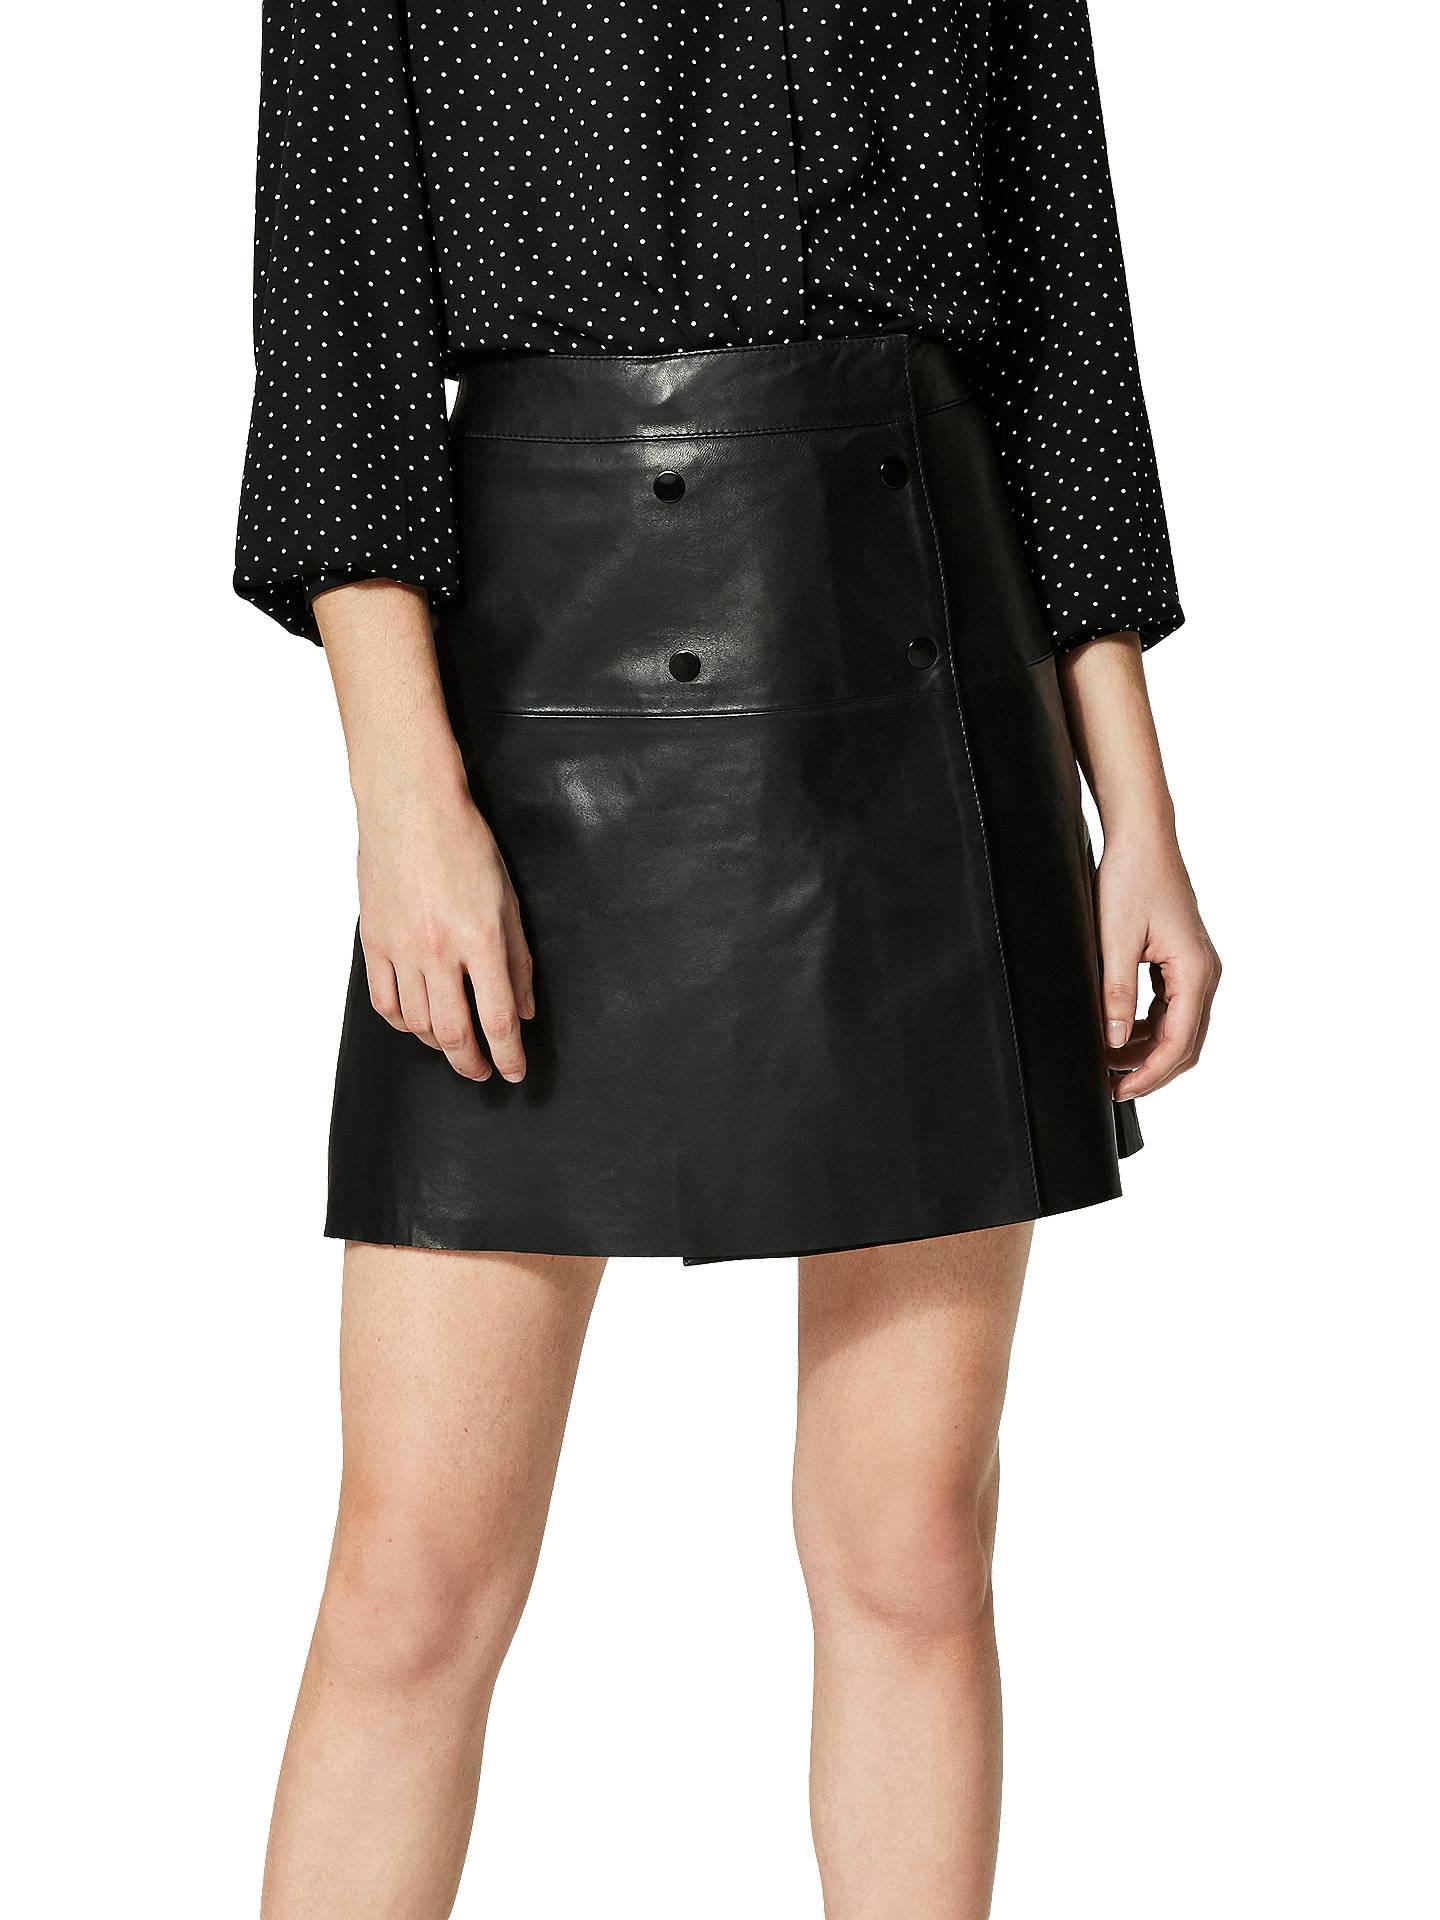 e6c36fed41 Buy Selected Femme Zadig Leather Skirt, Black, 8 Online at johnlewis.com ...